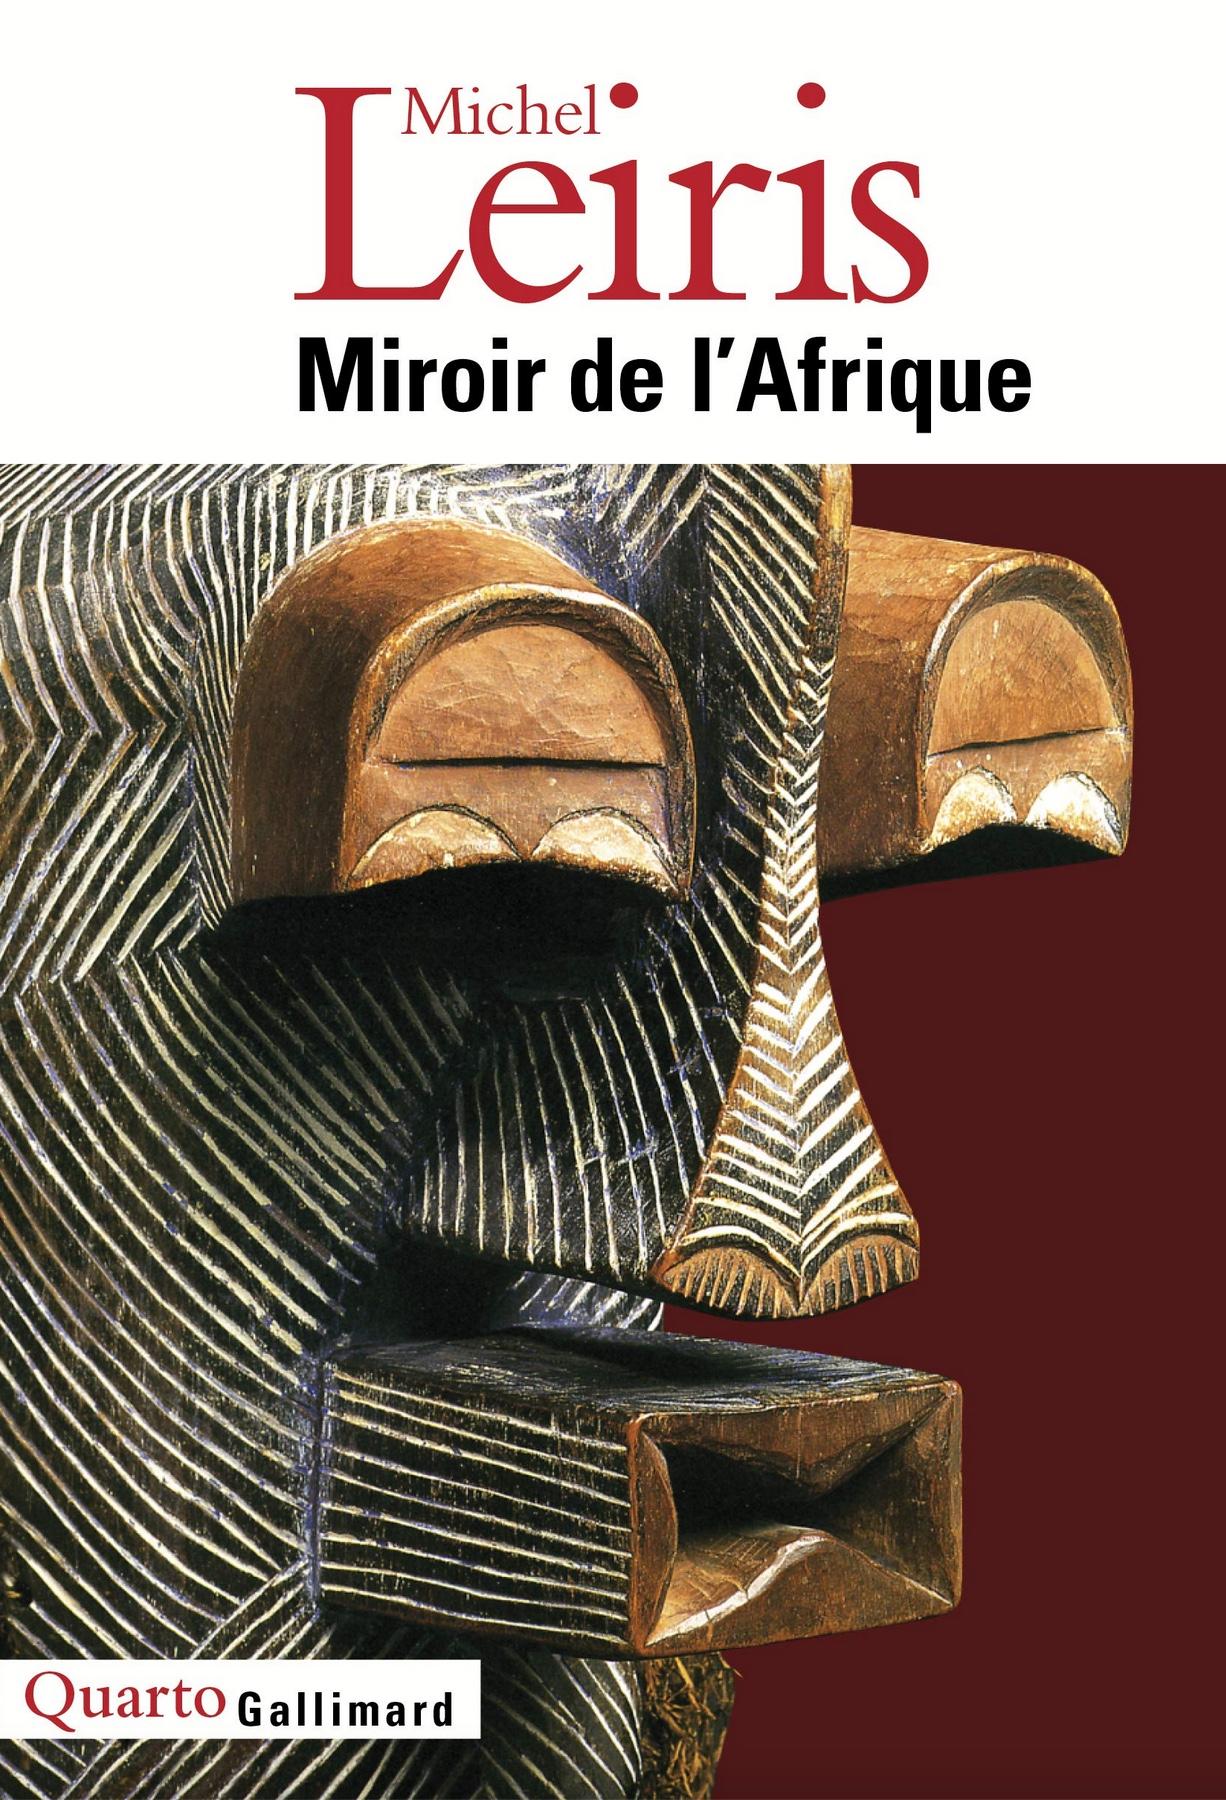 Miroir de l'Afrique, Michel Leiris